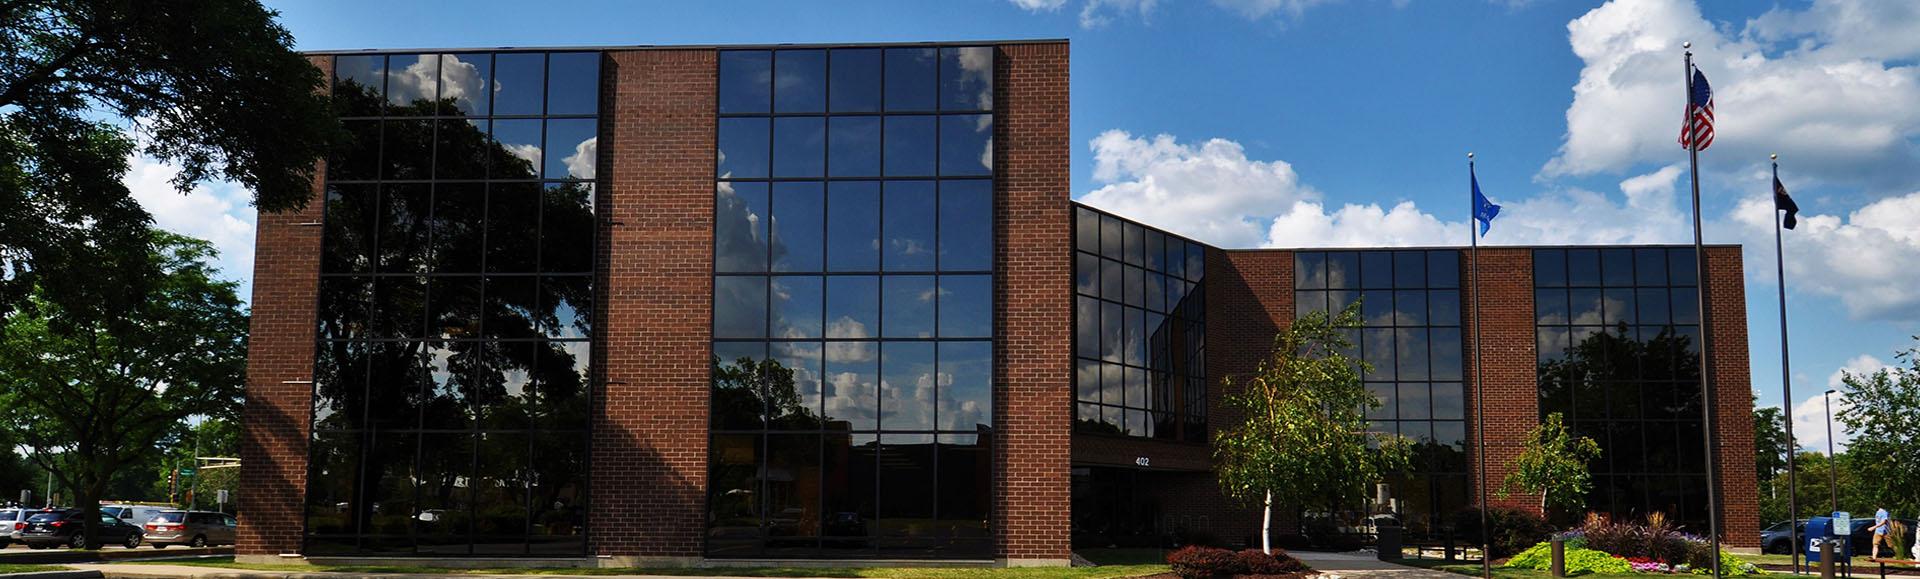 Park Towne Office